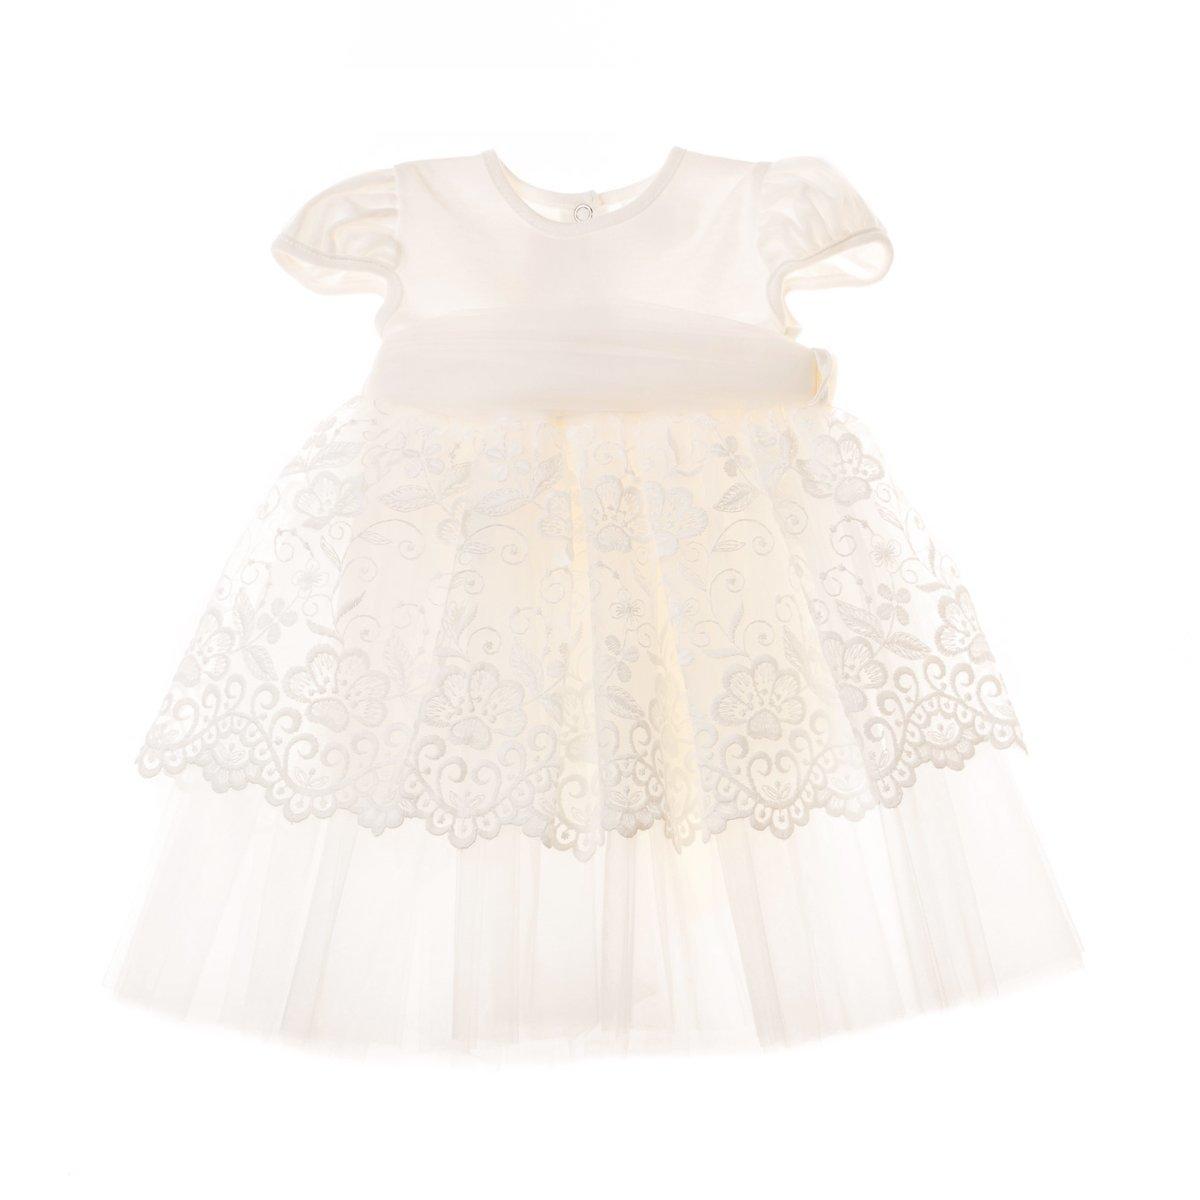 Купить Платья, сарафаны, юбки, Платье Бетис Сияние молочного цвета, р. 68 27075316 ТМ: Бетис, молочный